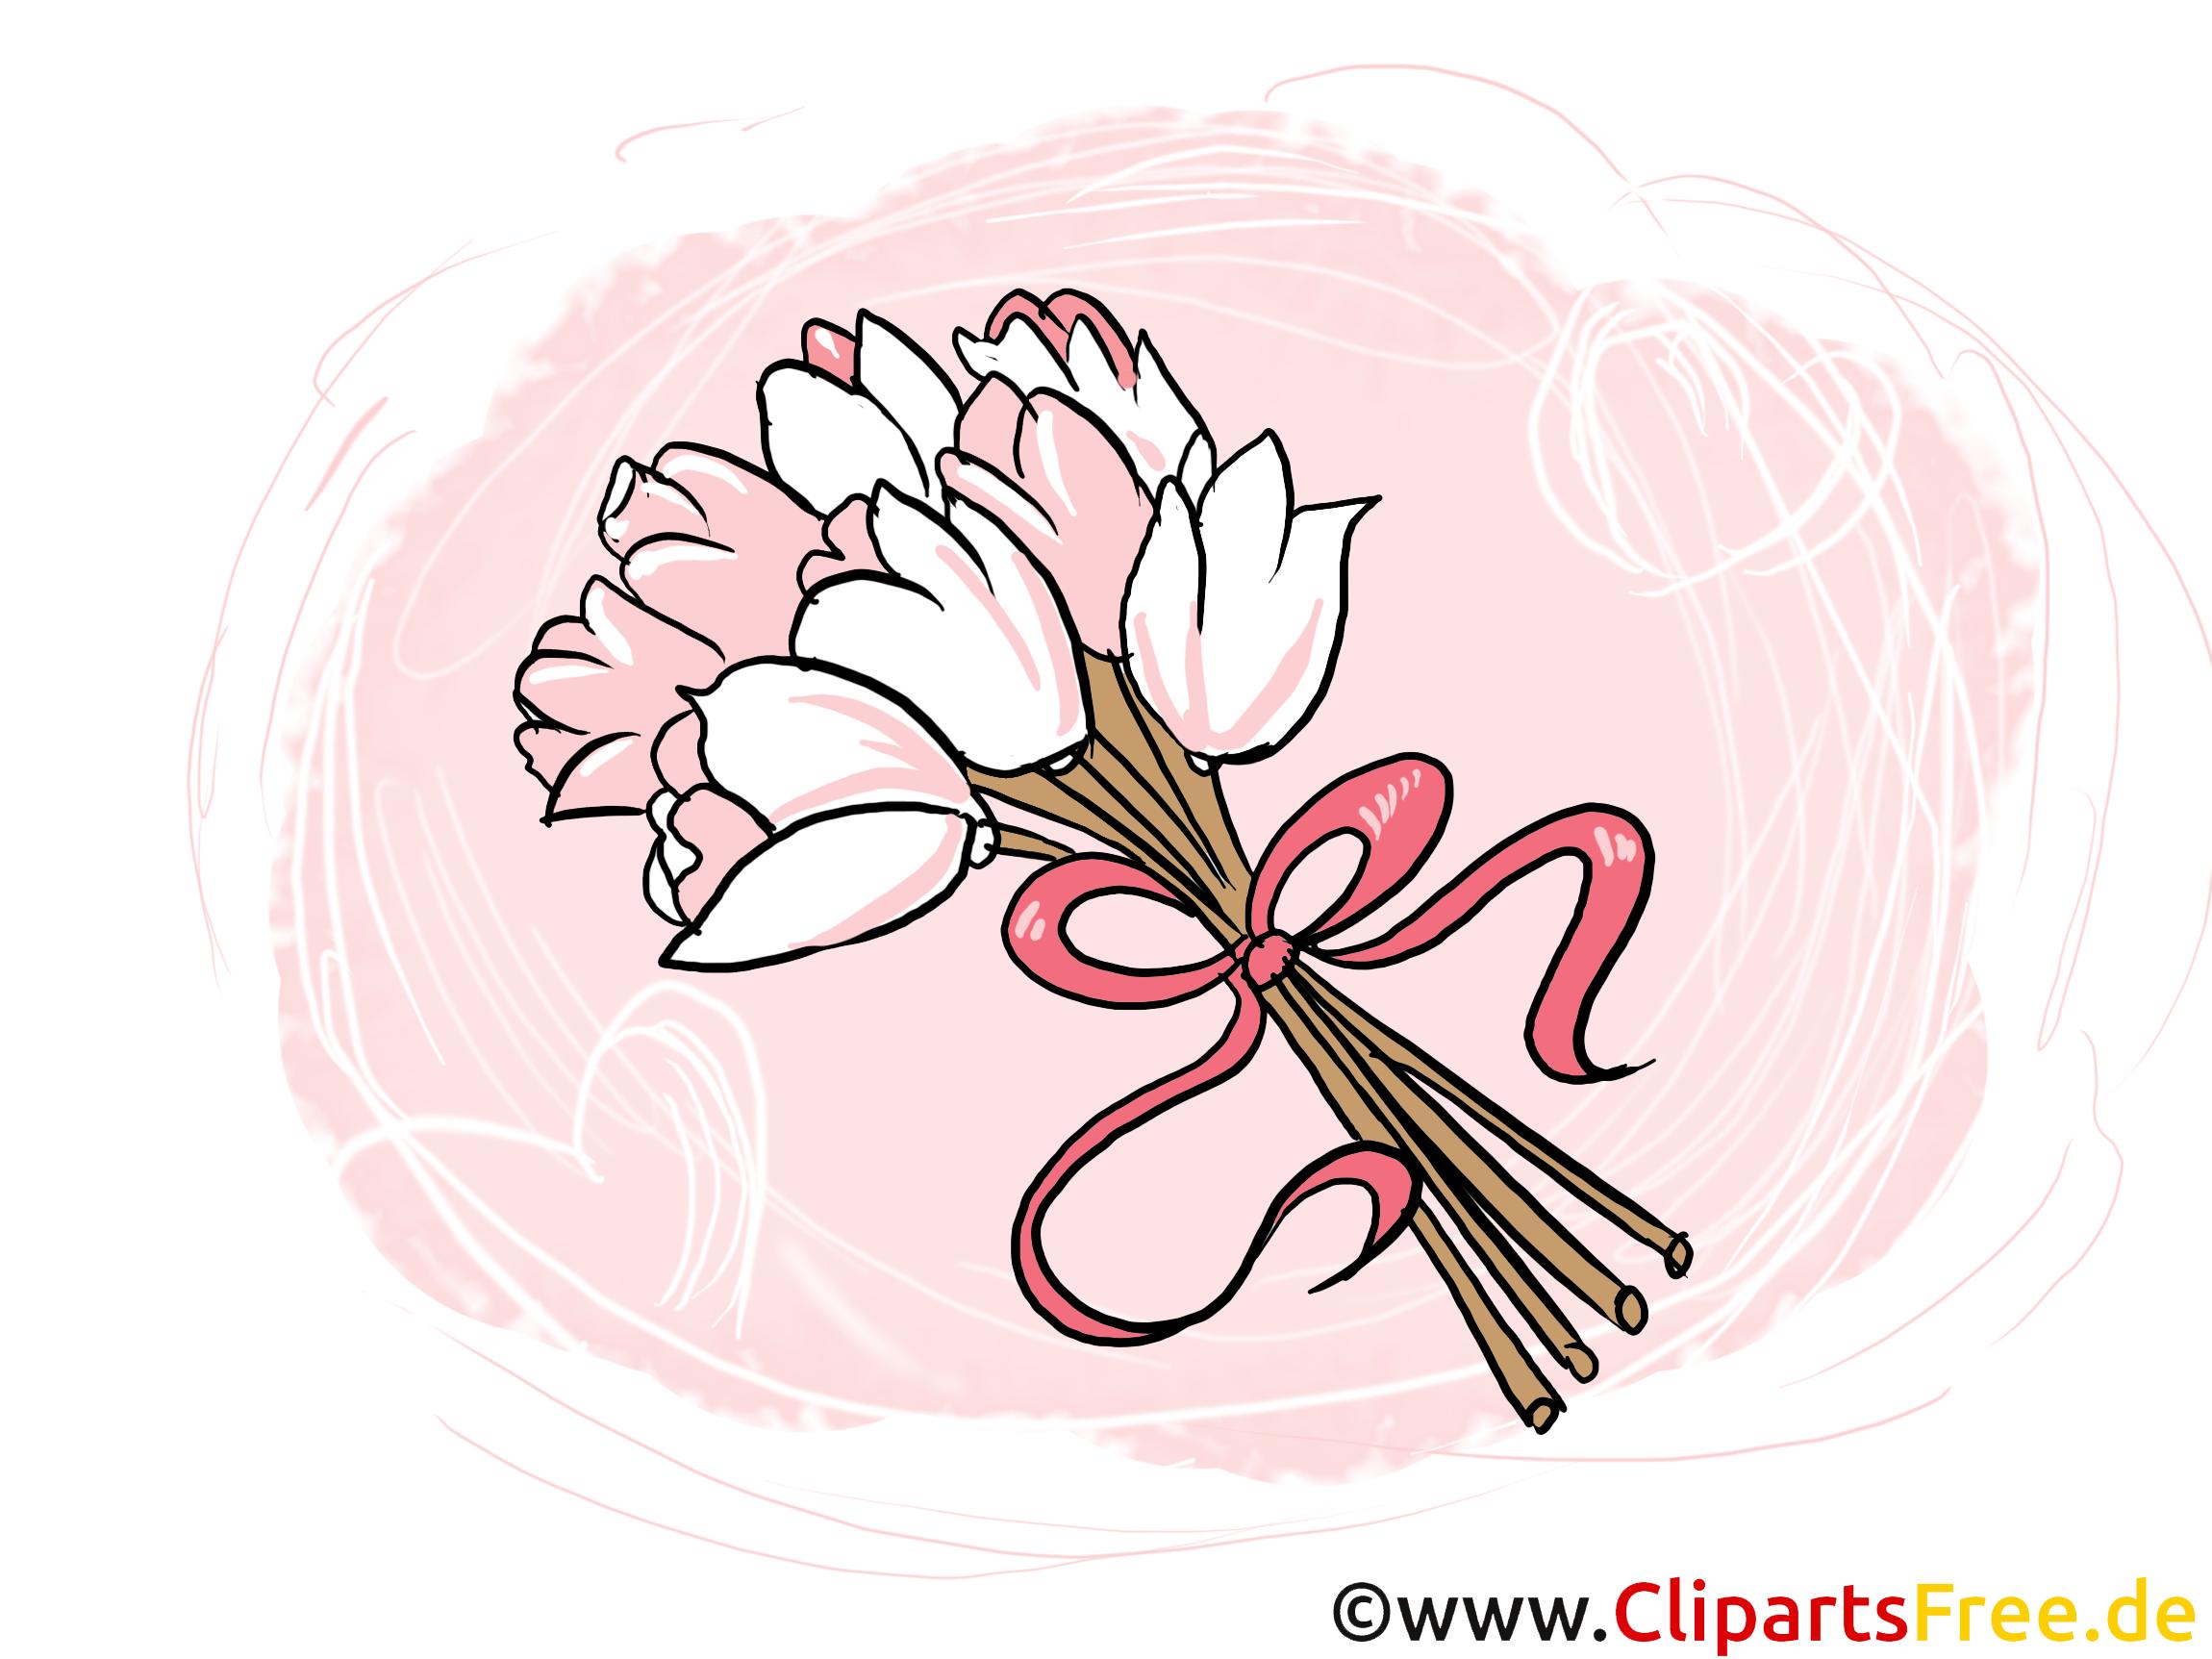 Brautstrauss Blumenstrauss Hochzeit Clipart Bild Grafik Illustration